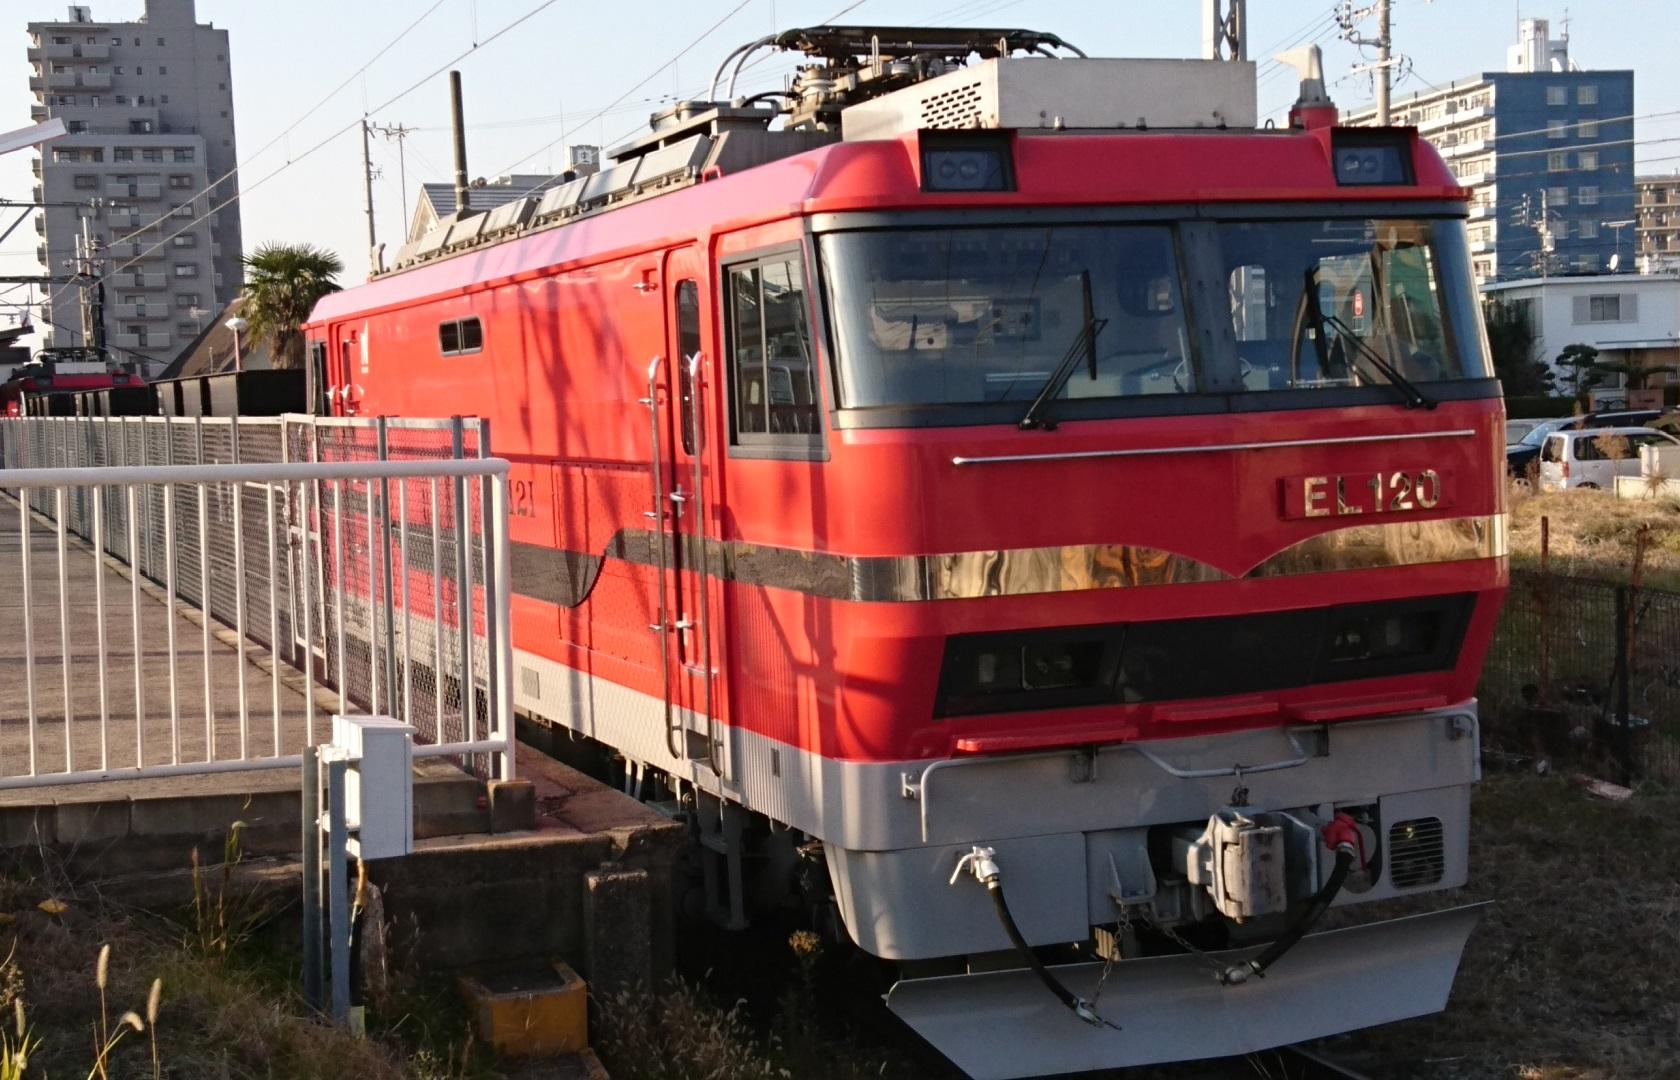 2016.12.18 名鉄 (12) 矢作橋 - 電気機関車EL120 1680-1080